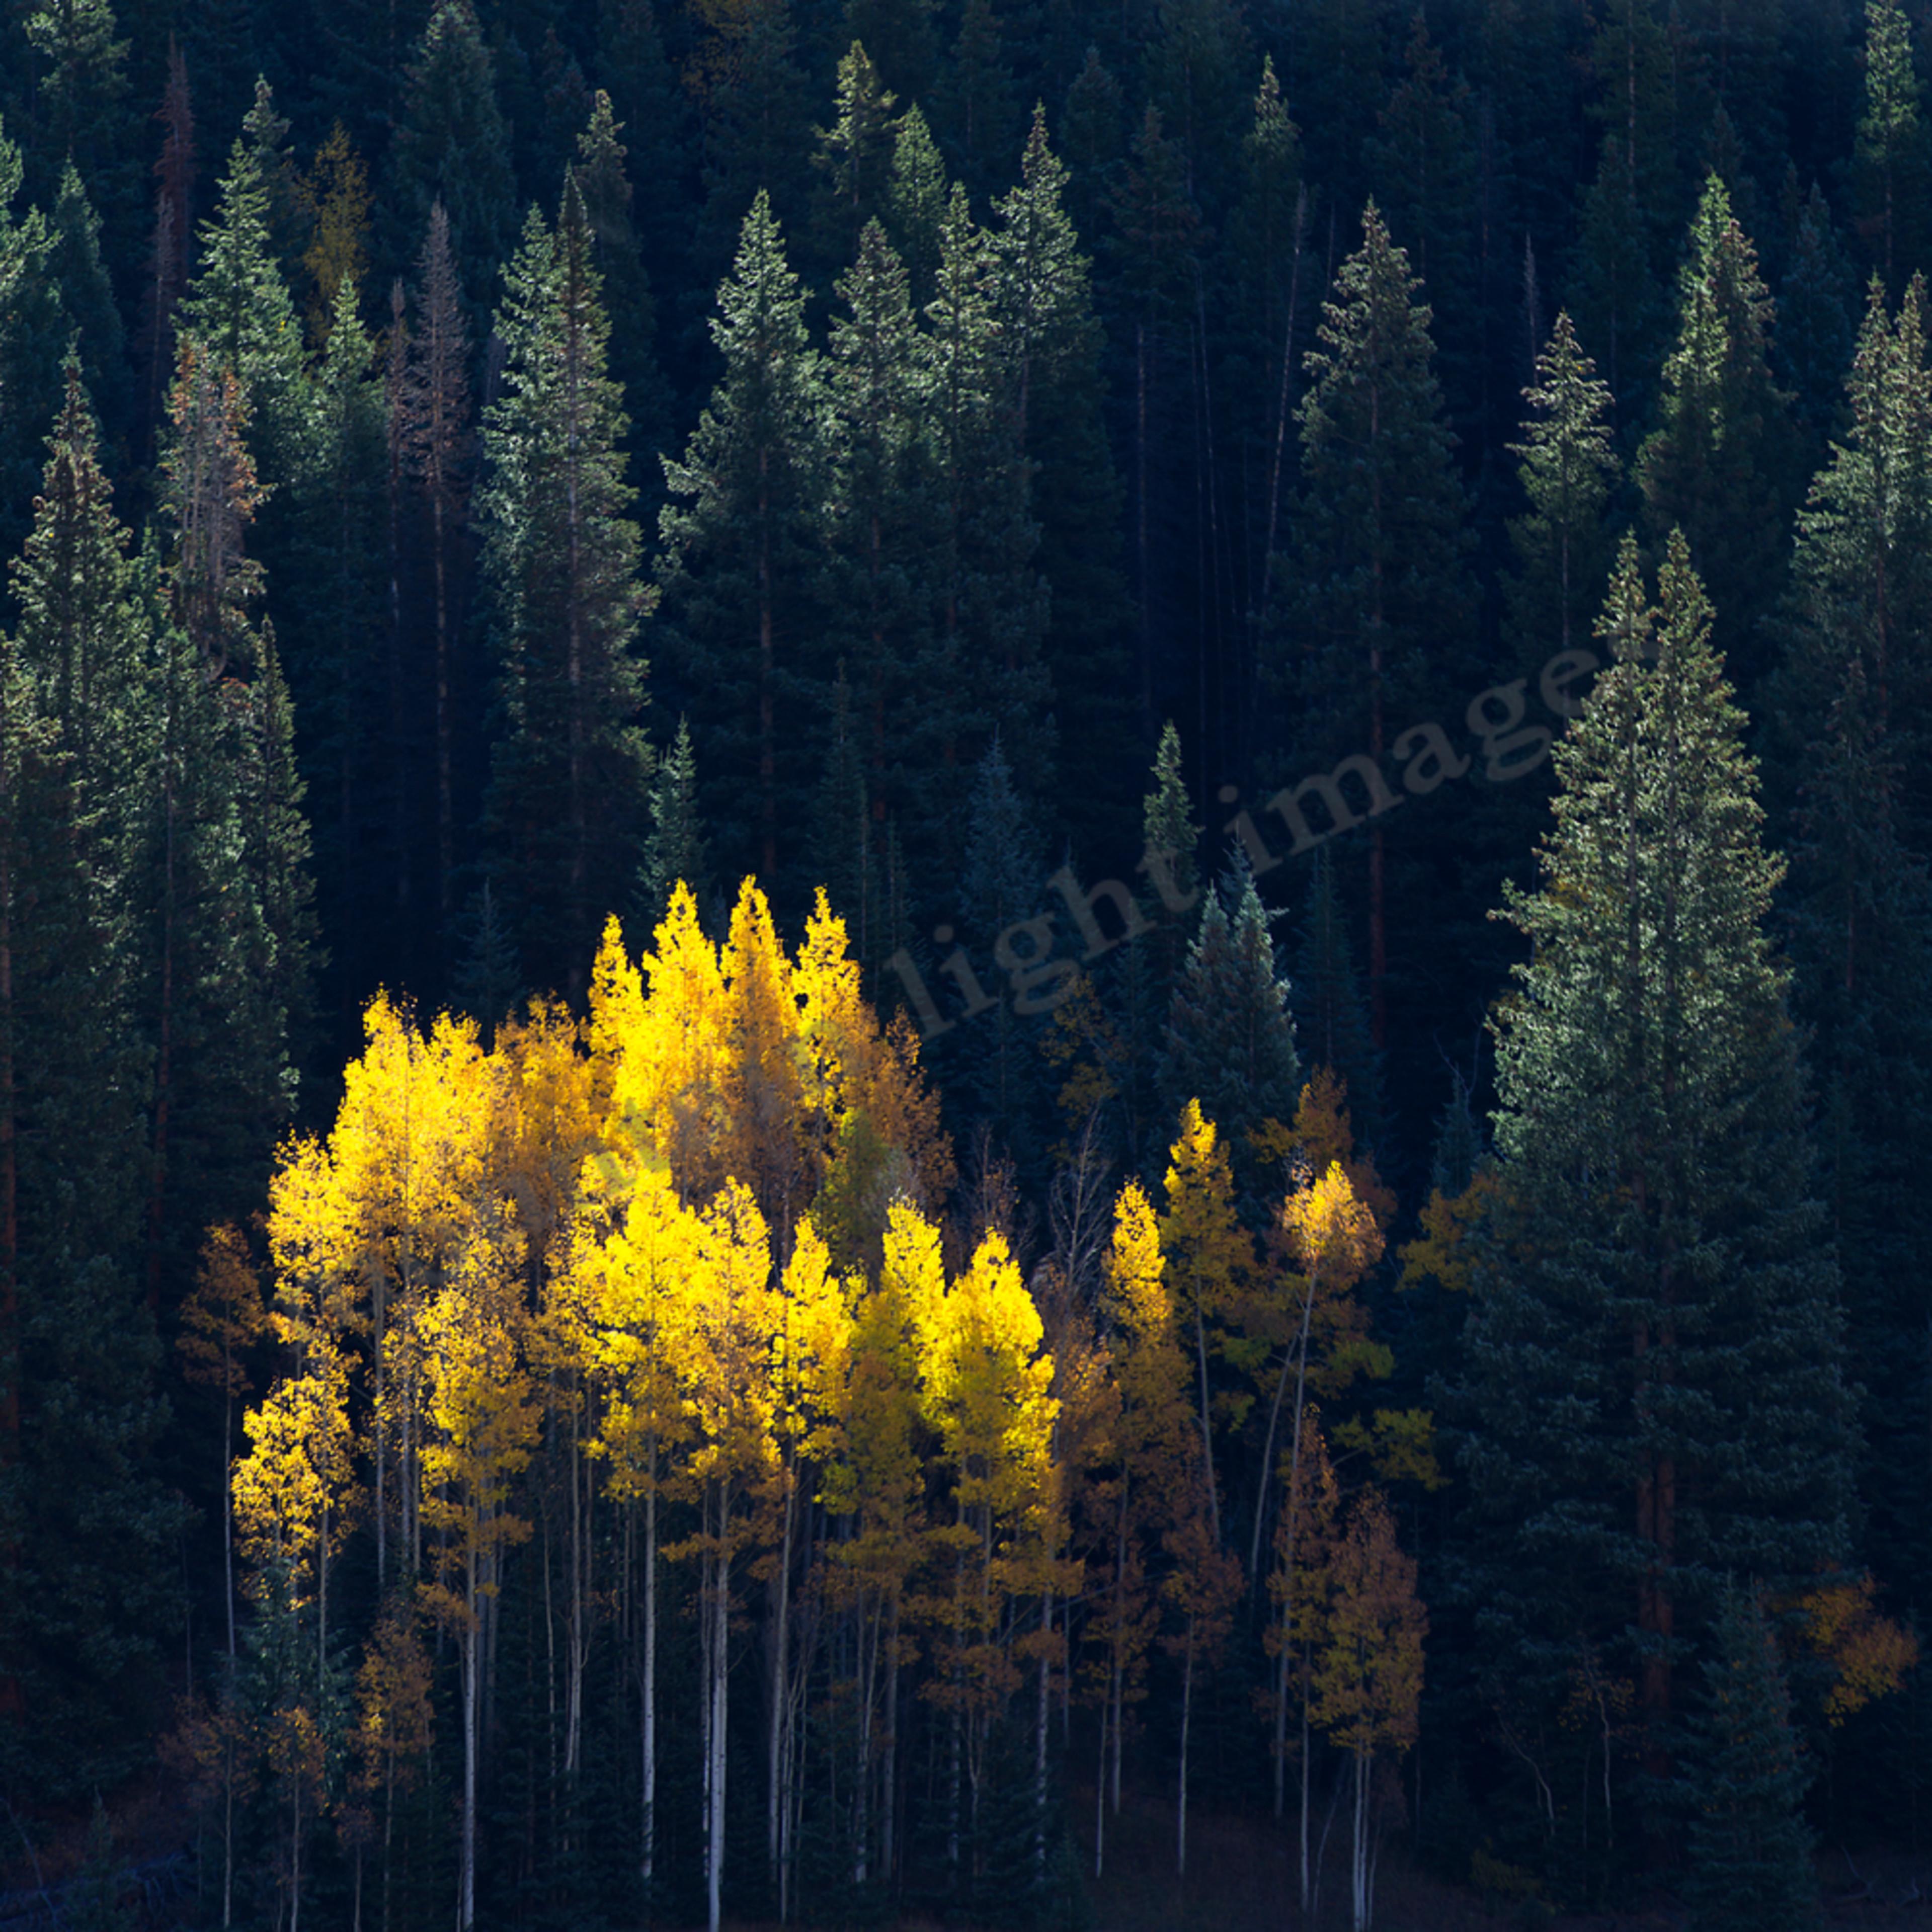 177 aspen glow in pine forest 48x16 kwqigw